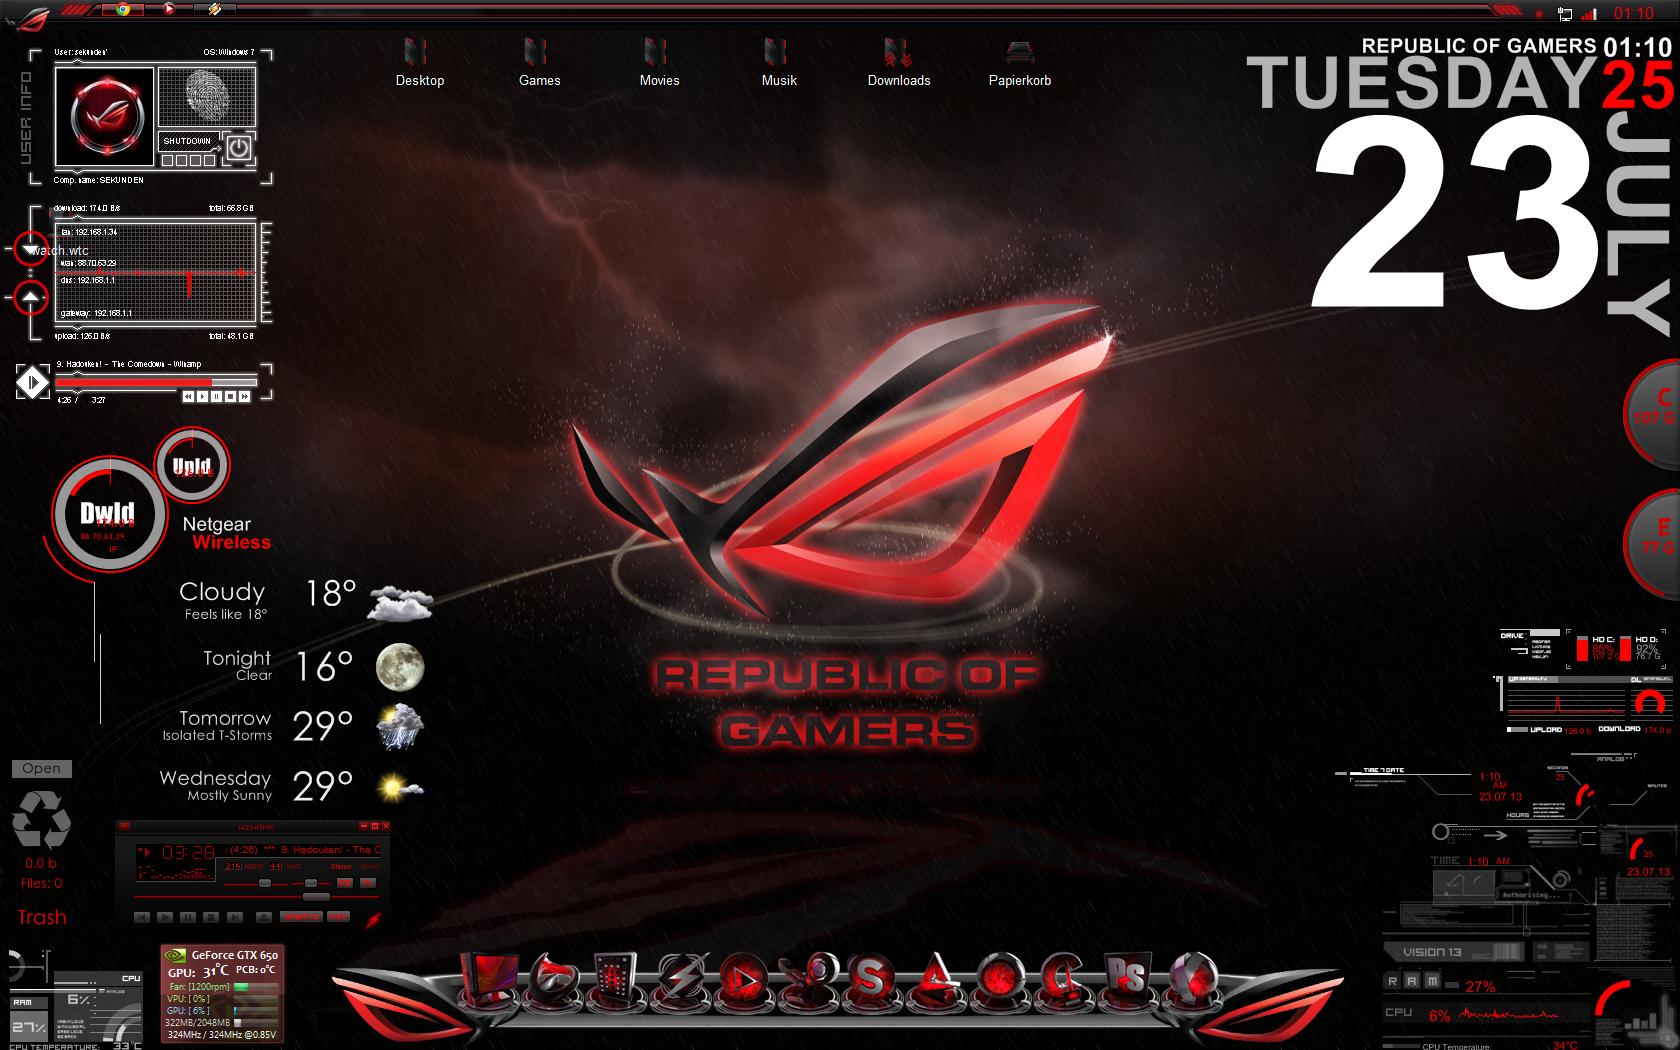 Asus Republic Of Gamers Desktop Screen By Sekunden1337 1680x1050